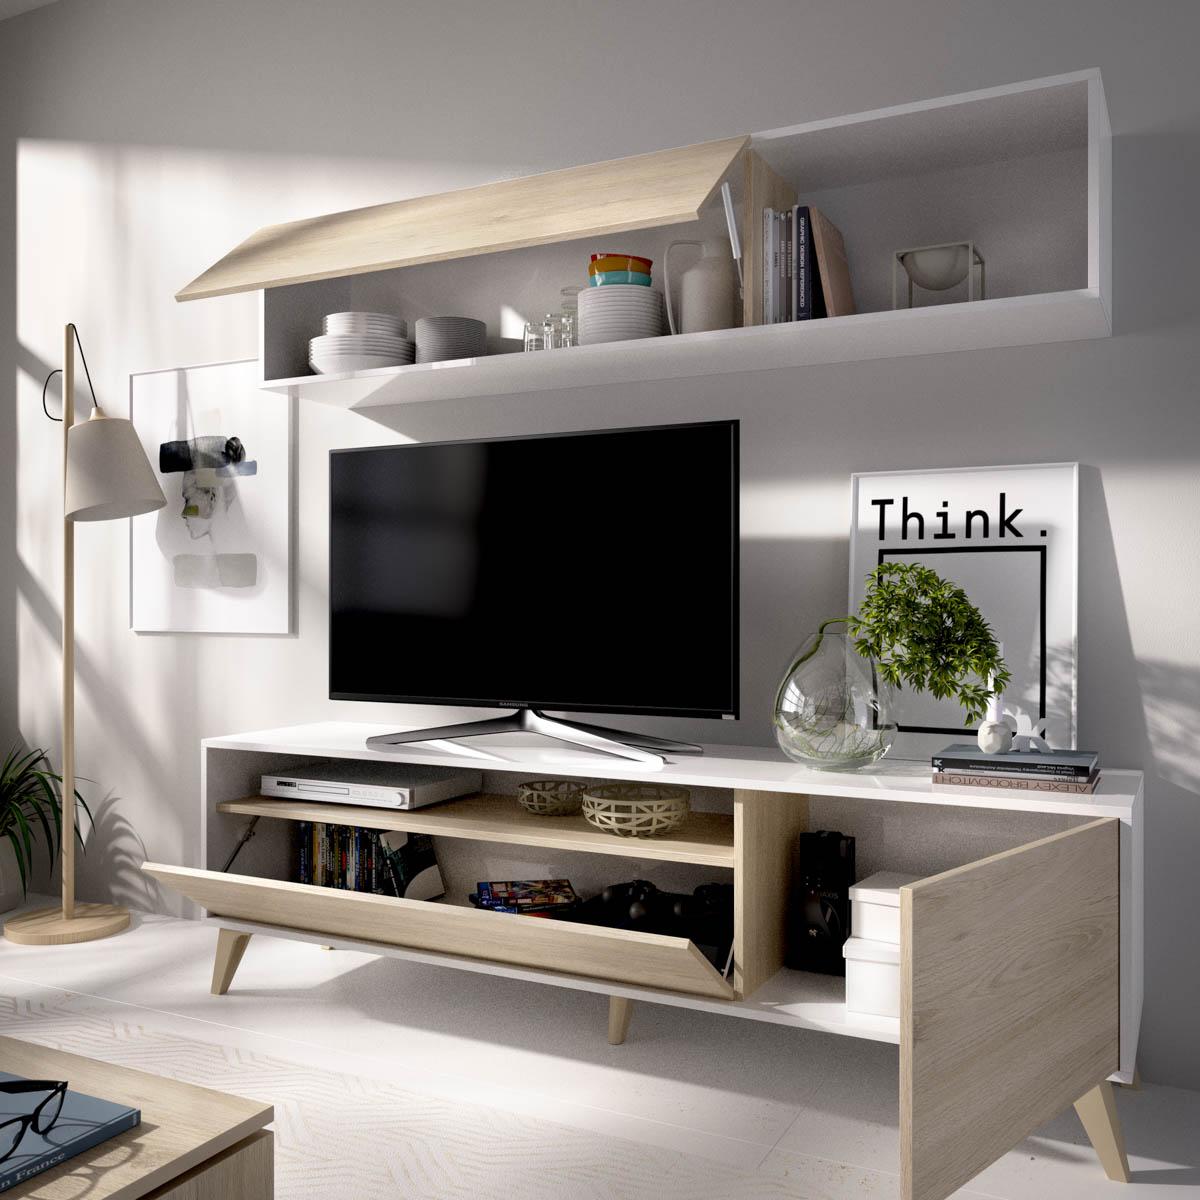 salon tv compacto